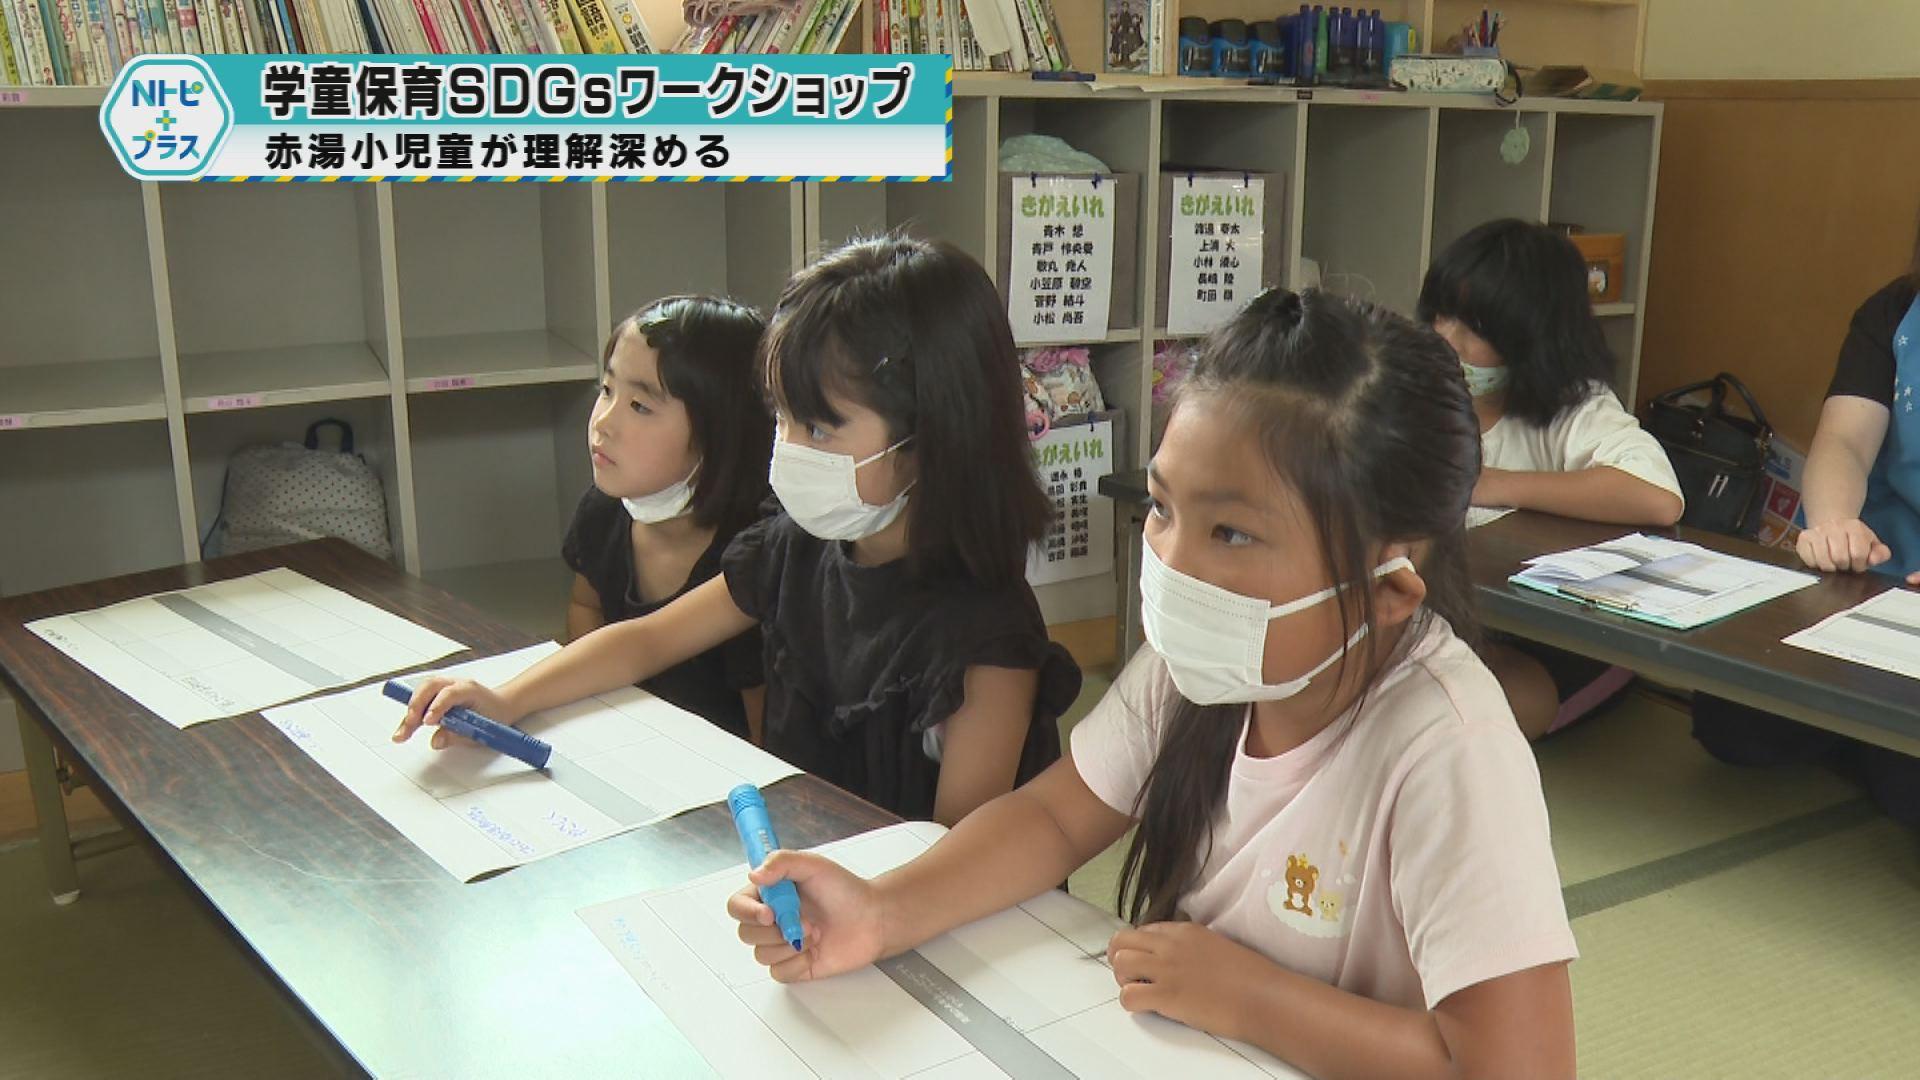 「学童保育SDGsワークショップ」赤湯小児童が理解深める